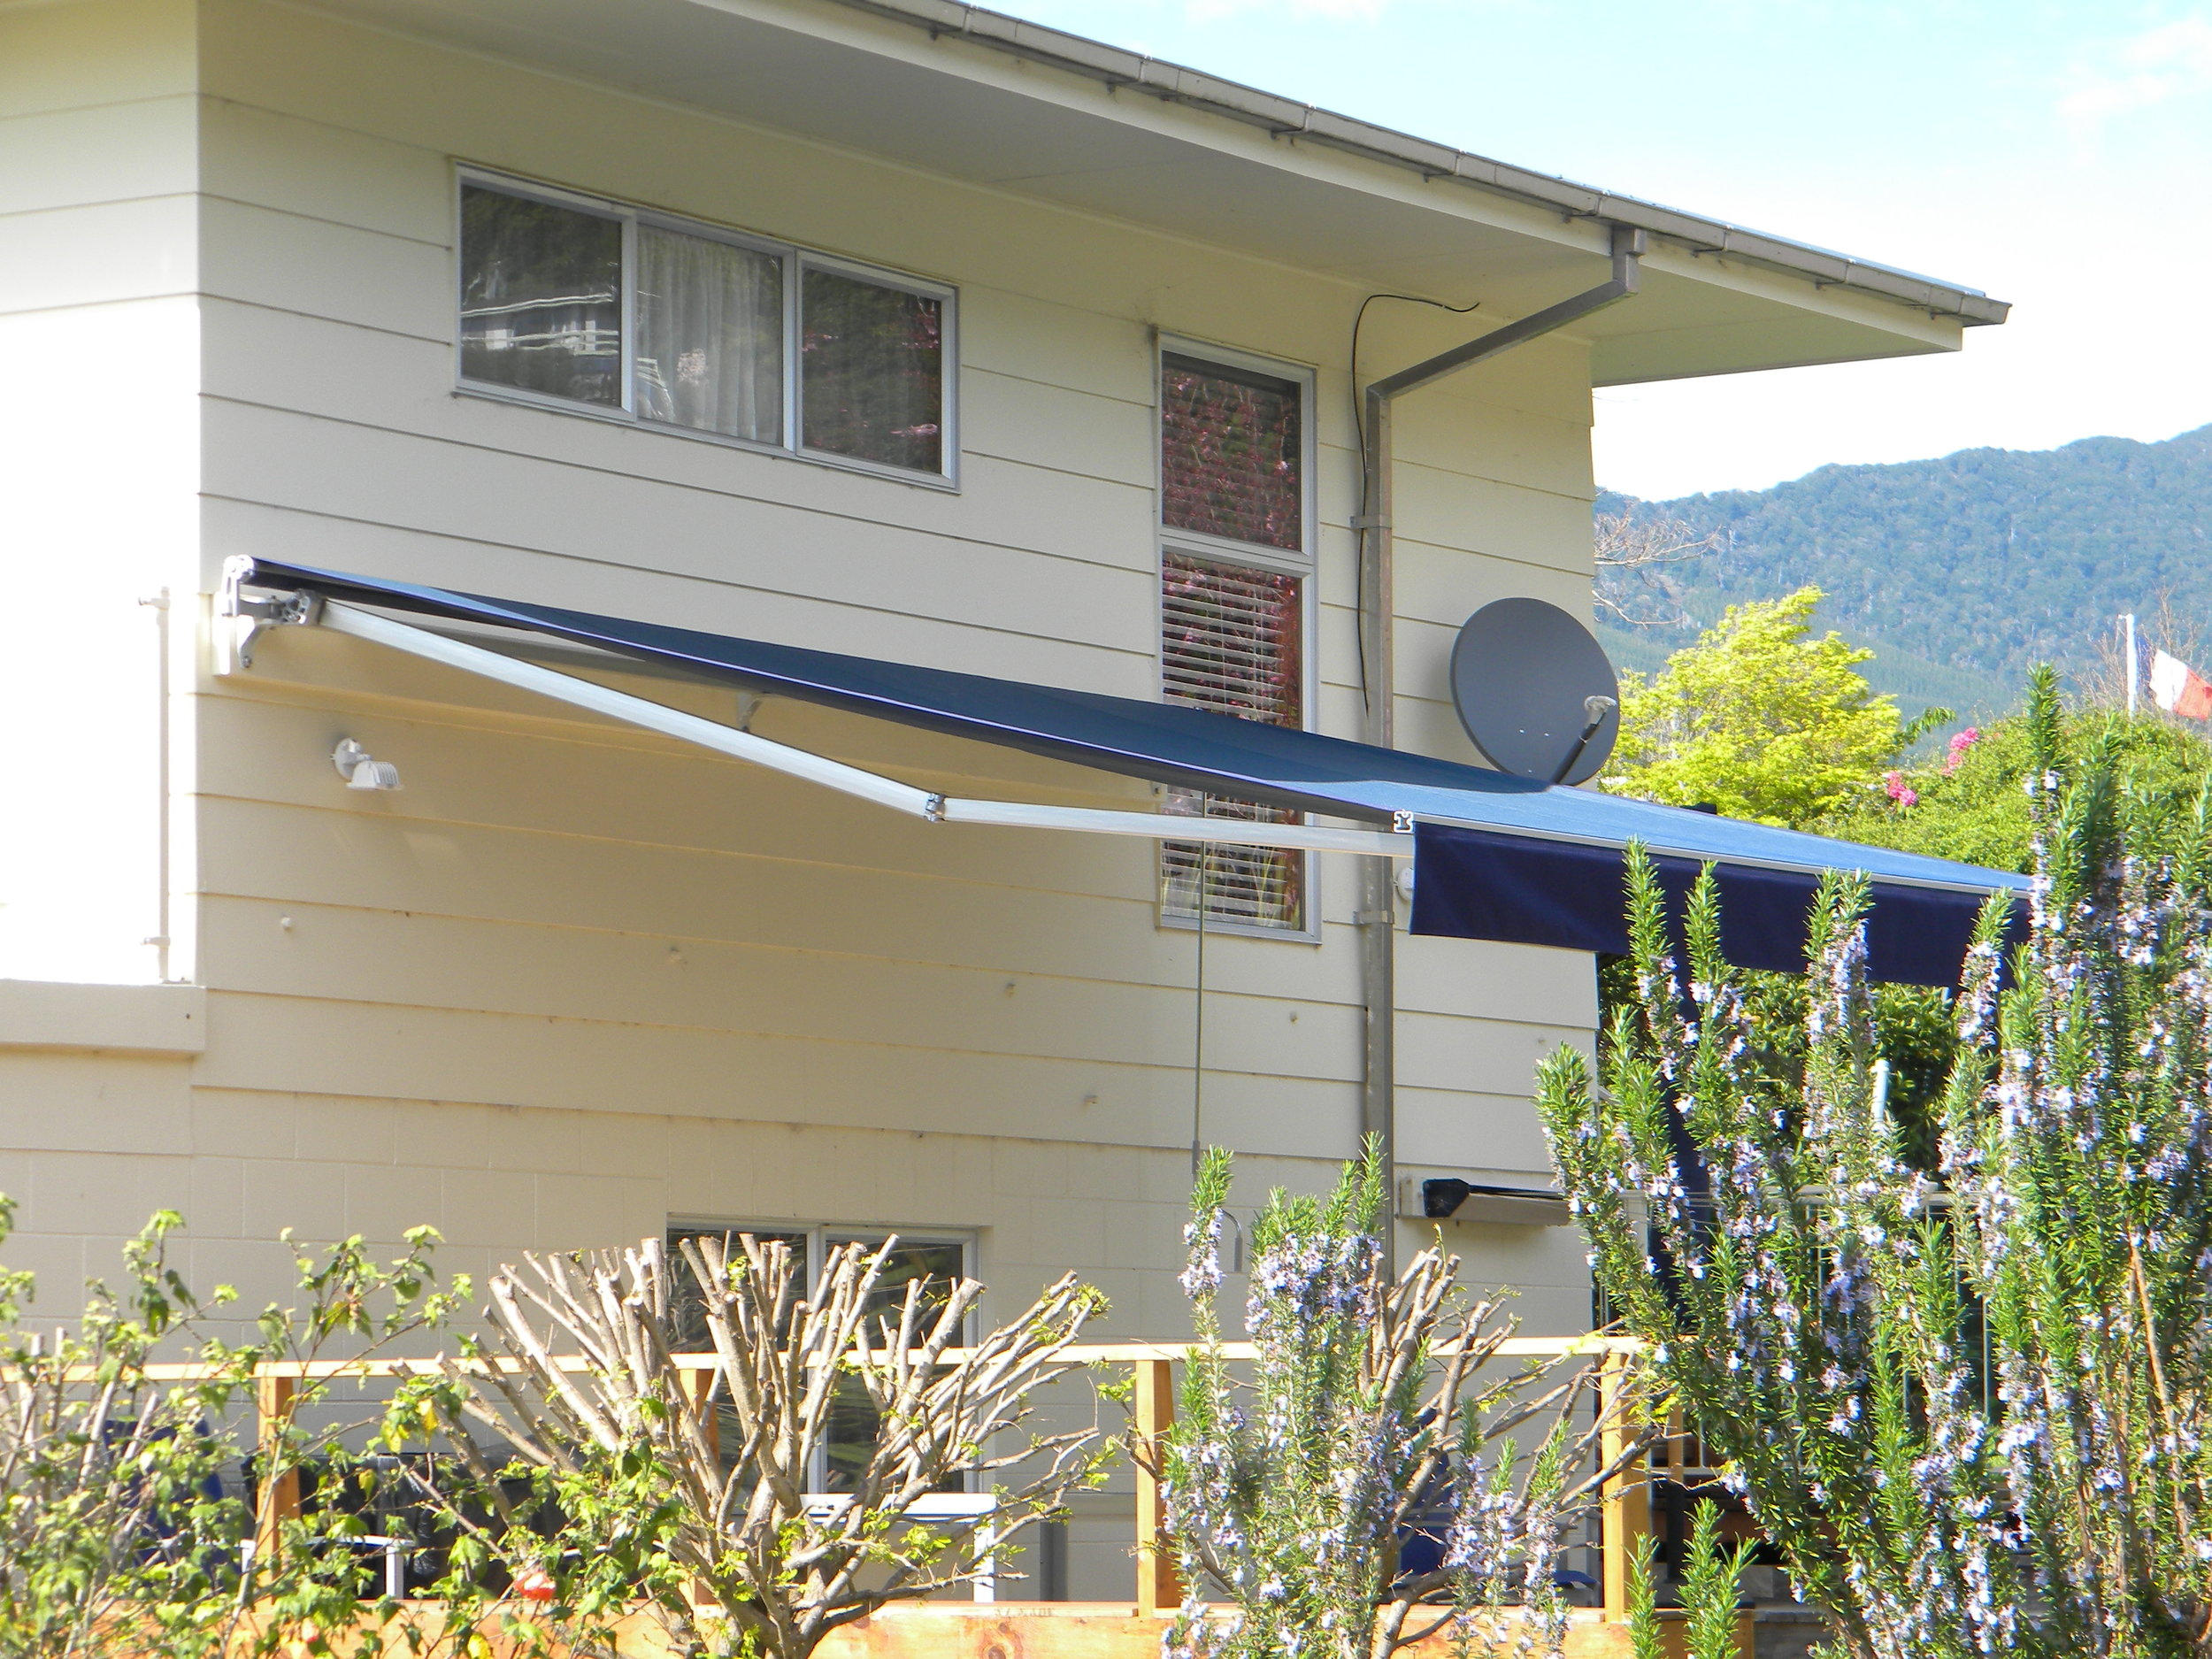 Rothchild awning in Anakiwa 003.jpg